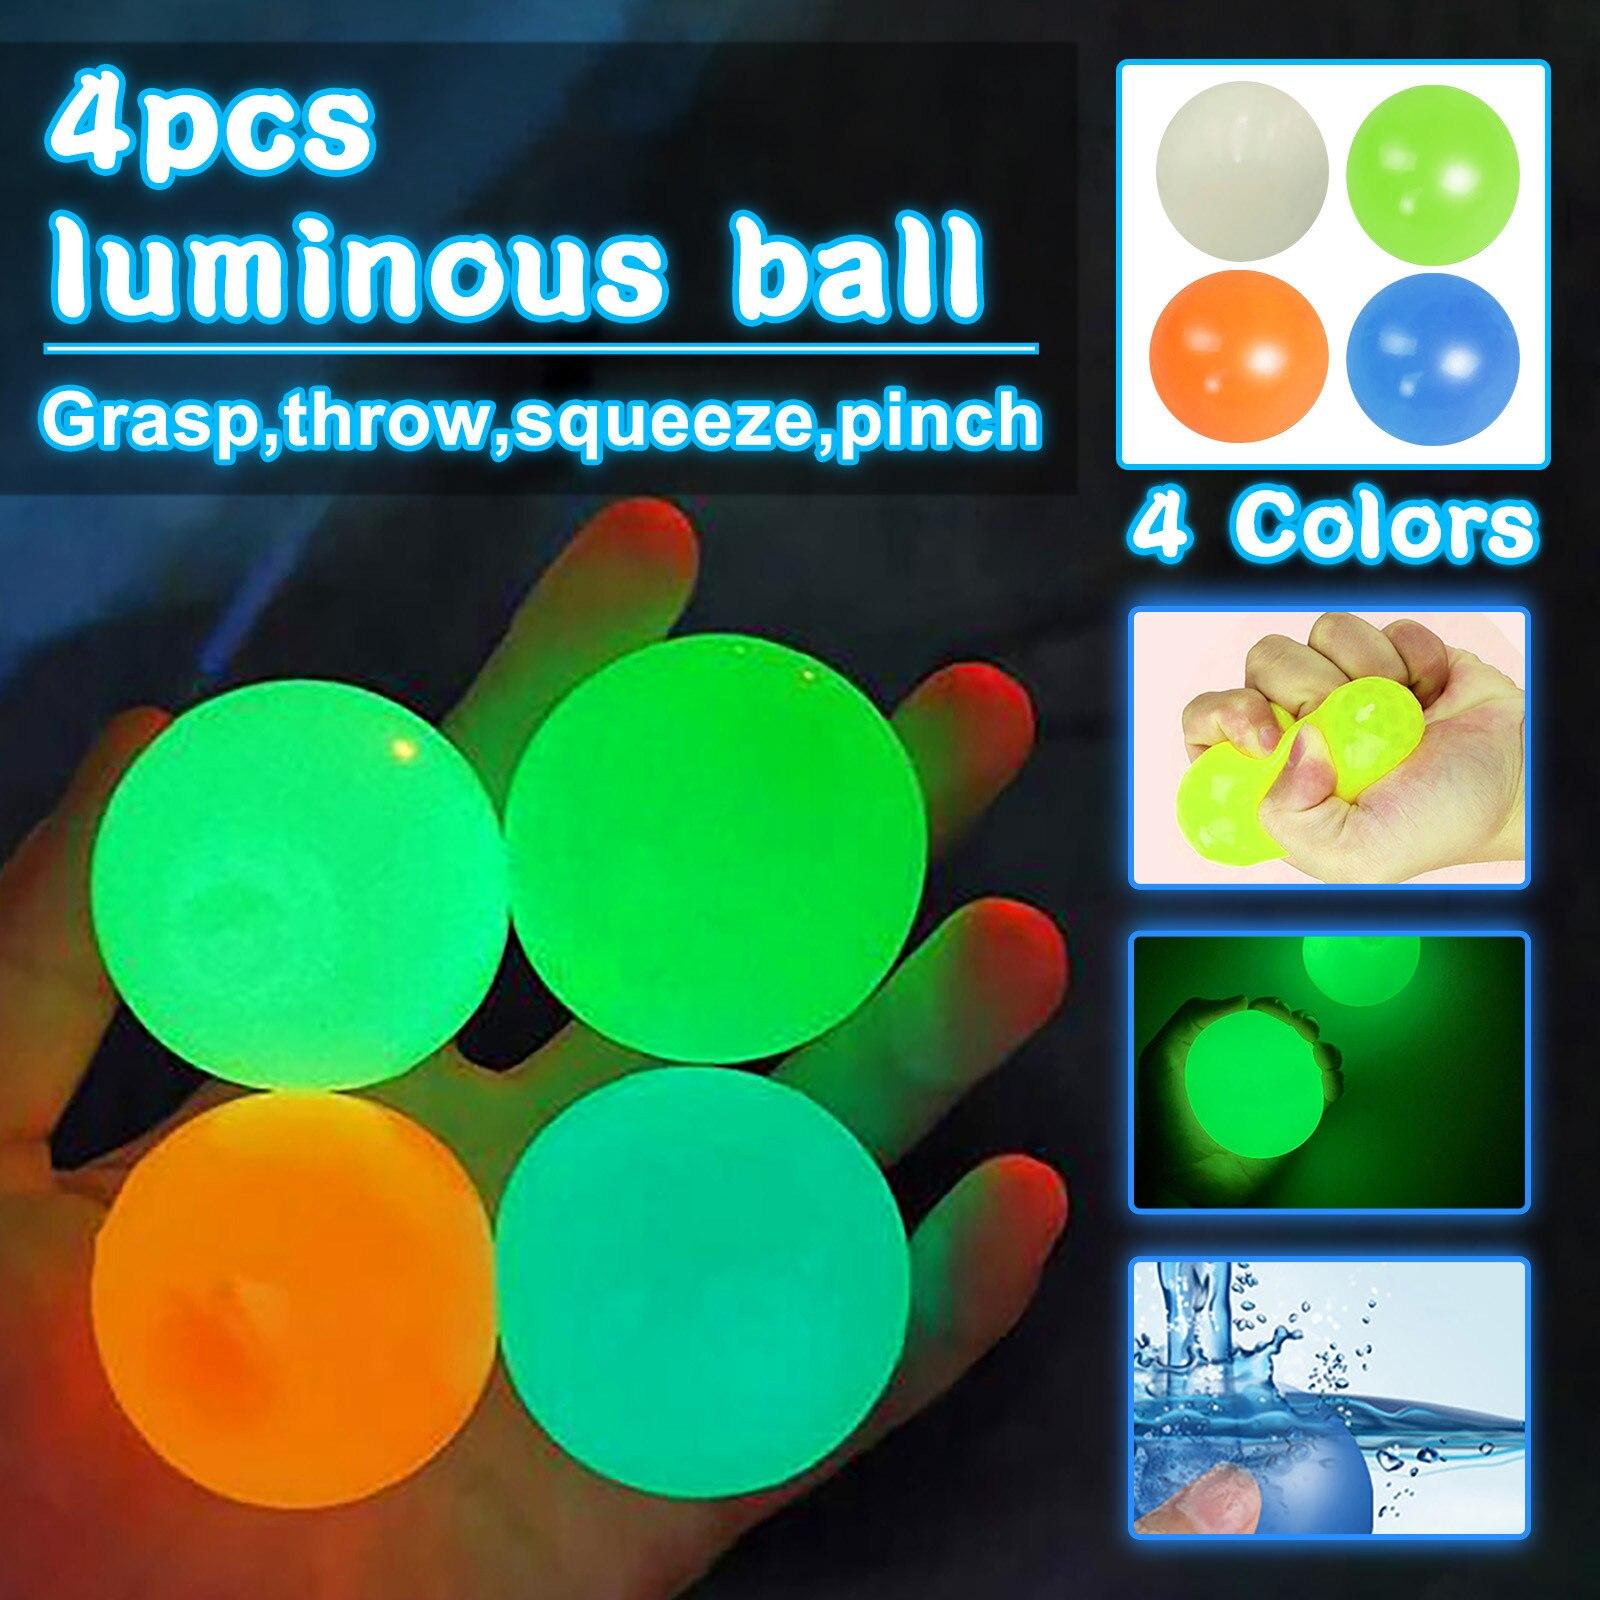 45mm vara bola de parede alívio do estresse bolas de teto bola de squash globbles brinquedo descompressão pegajoso alvo ballceiling luz bola